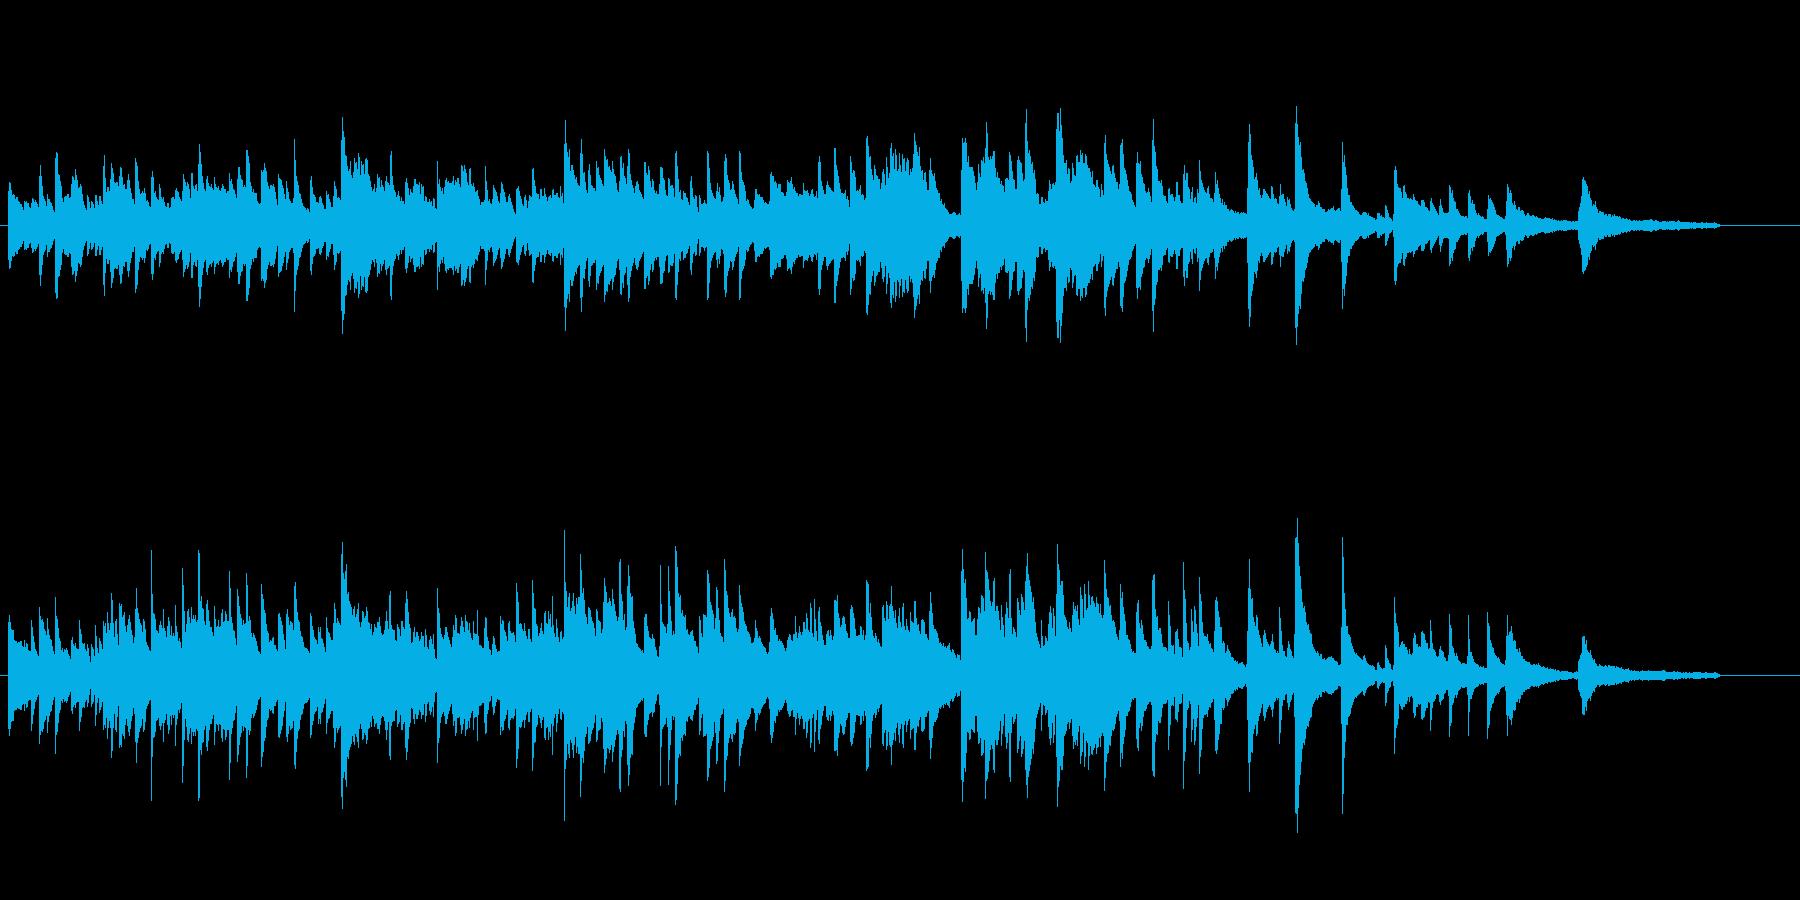 感動的な雰囲気のピアノソロの再生済みの波形